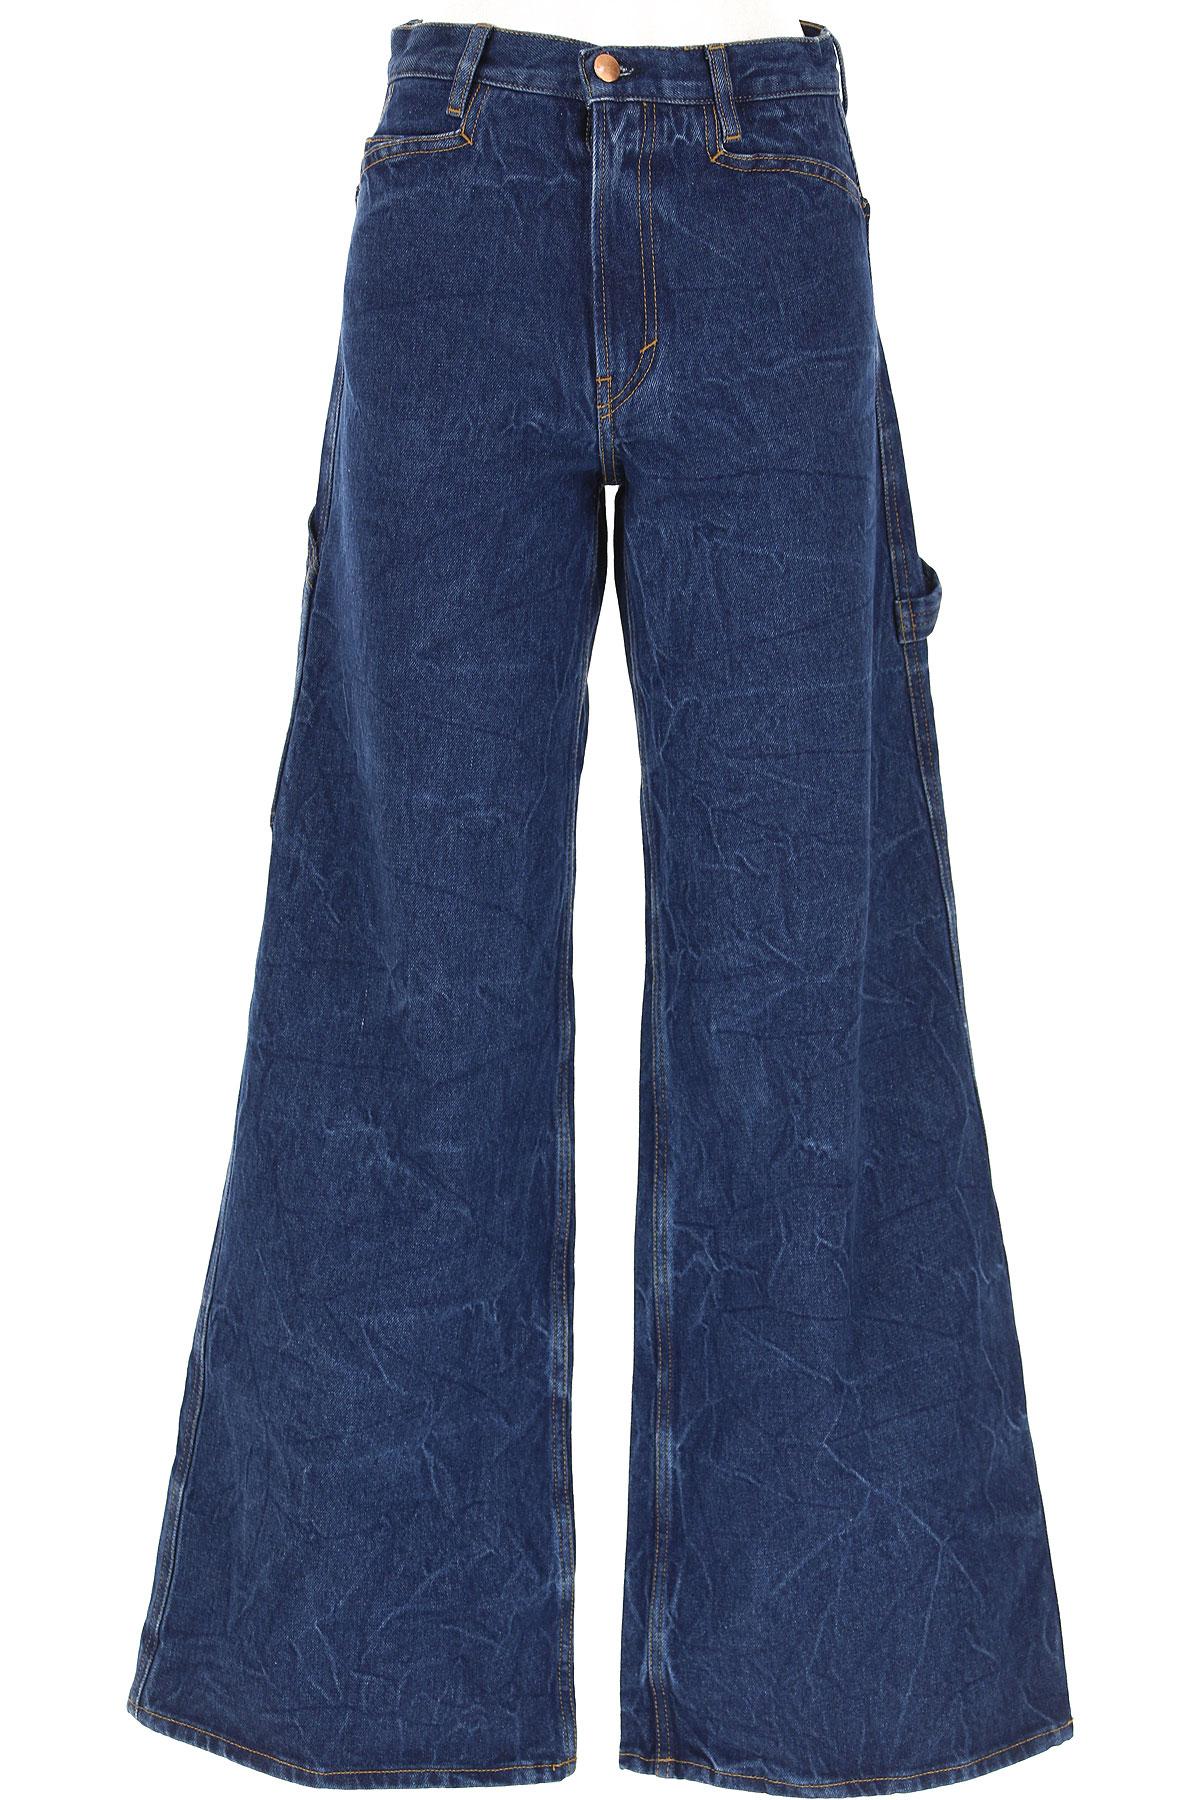 Aries Jeans On Sale, Blue Dark, Cotton, 2019, 25 26 27